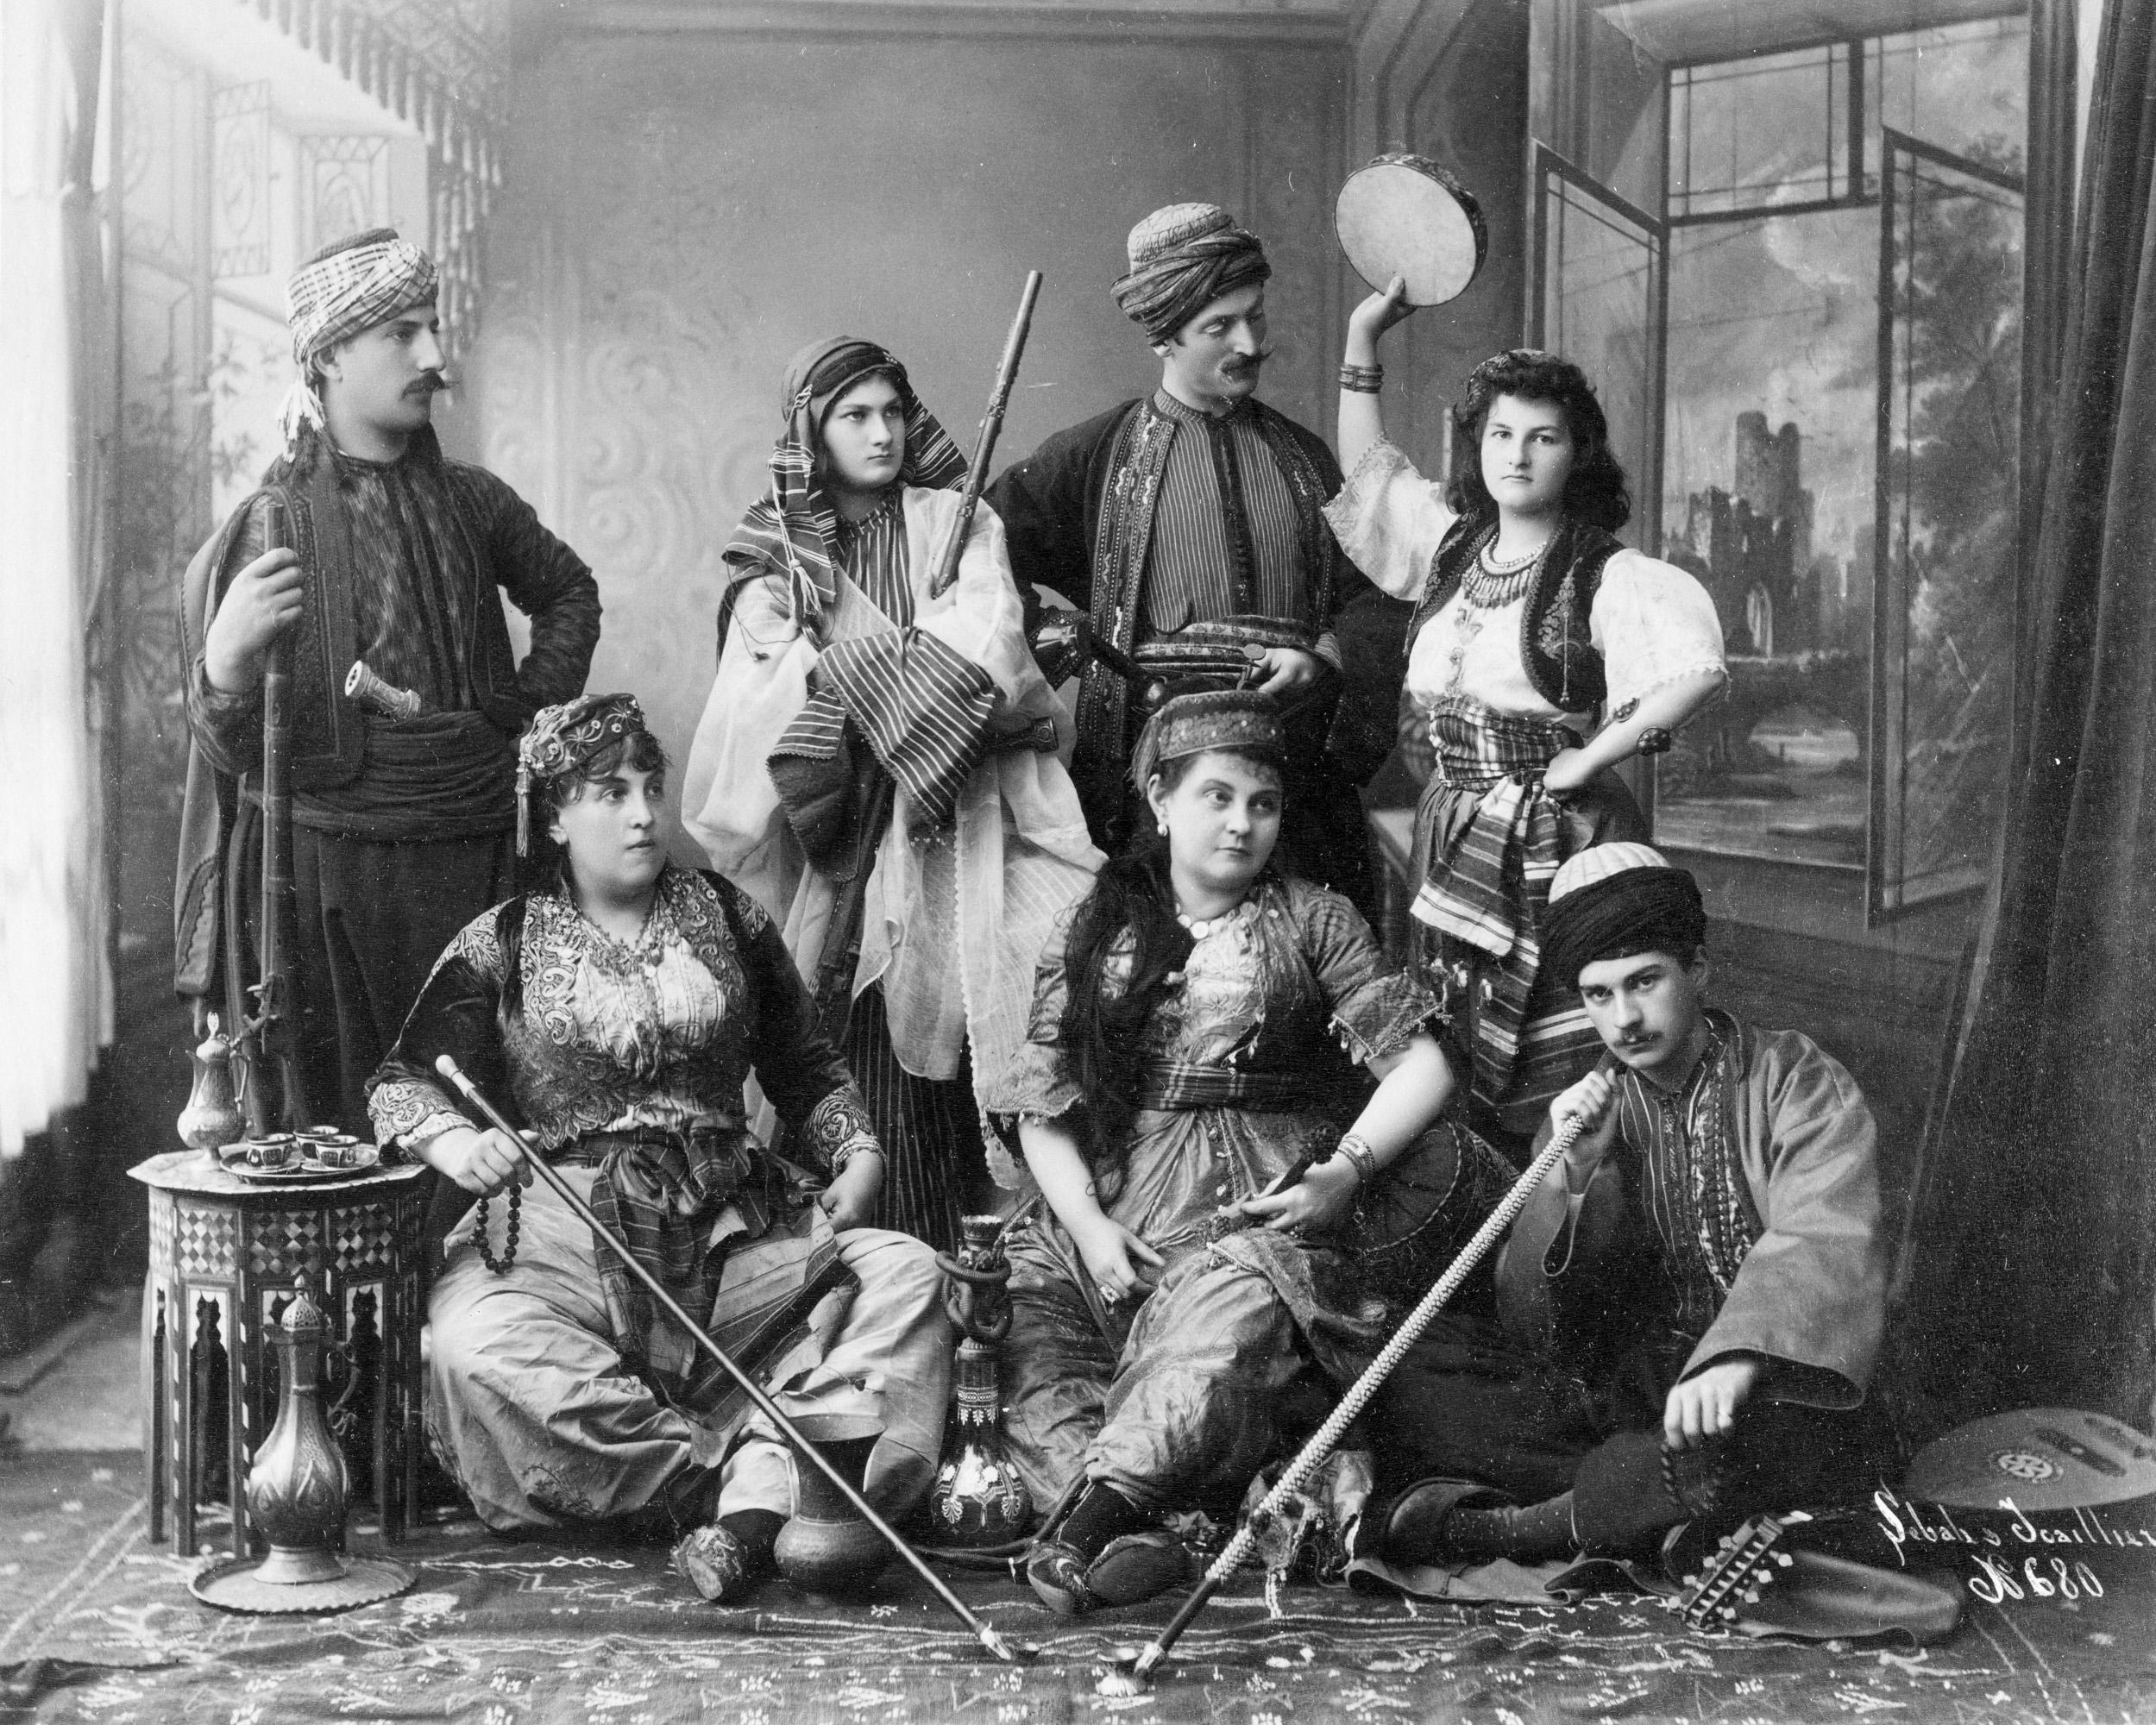 Osmanlı giysili kadın ve erkekler